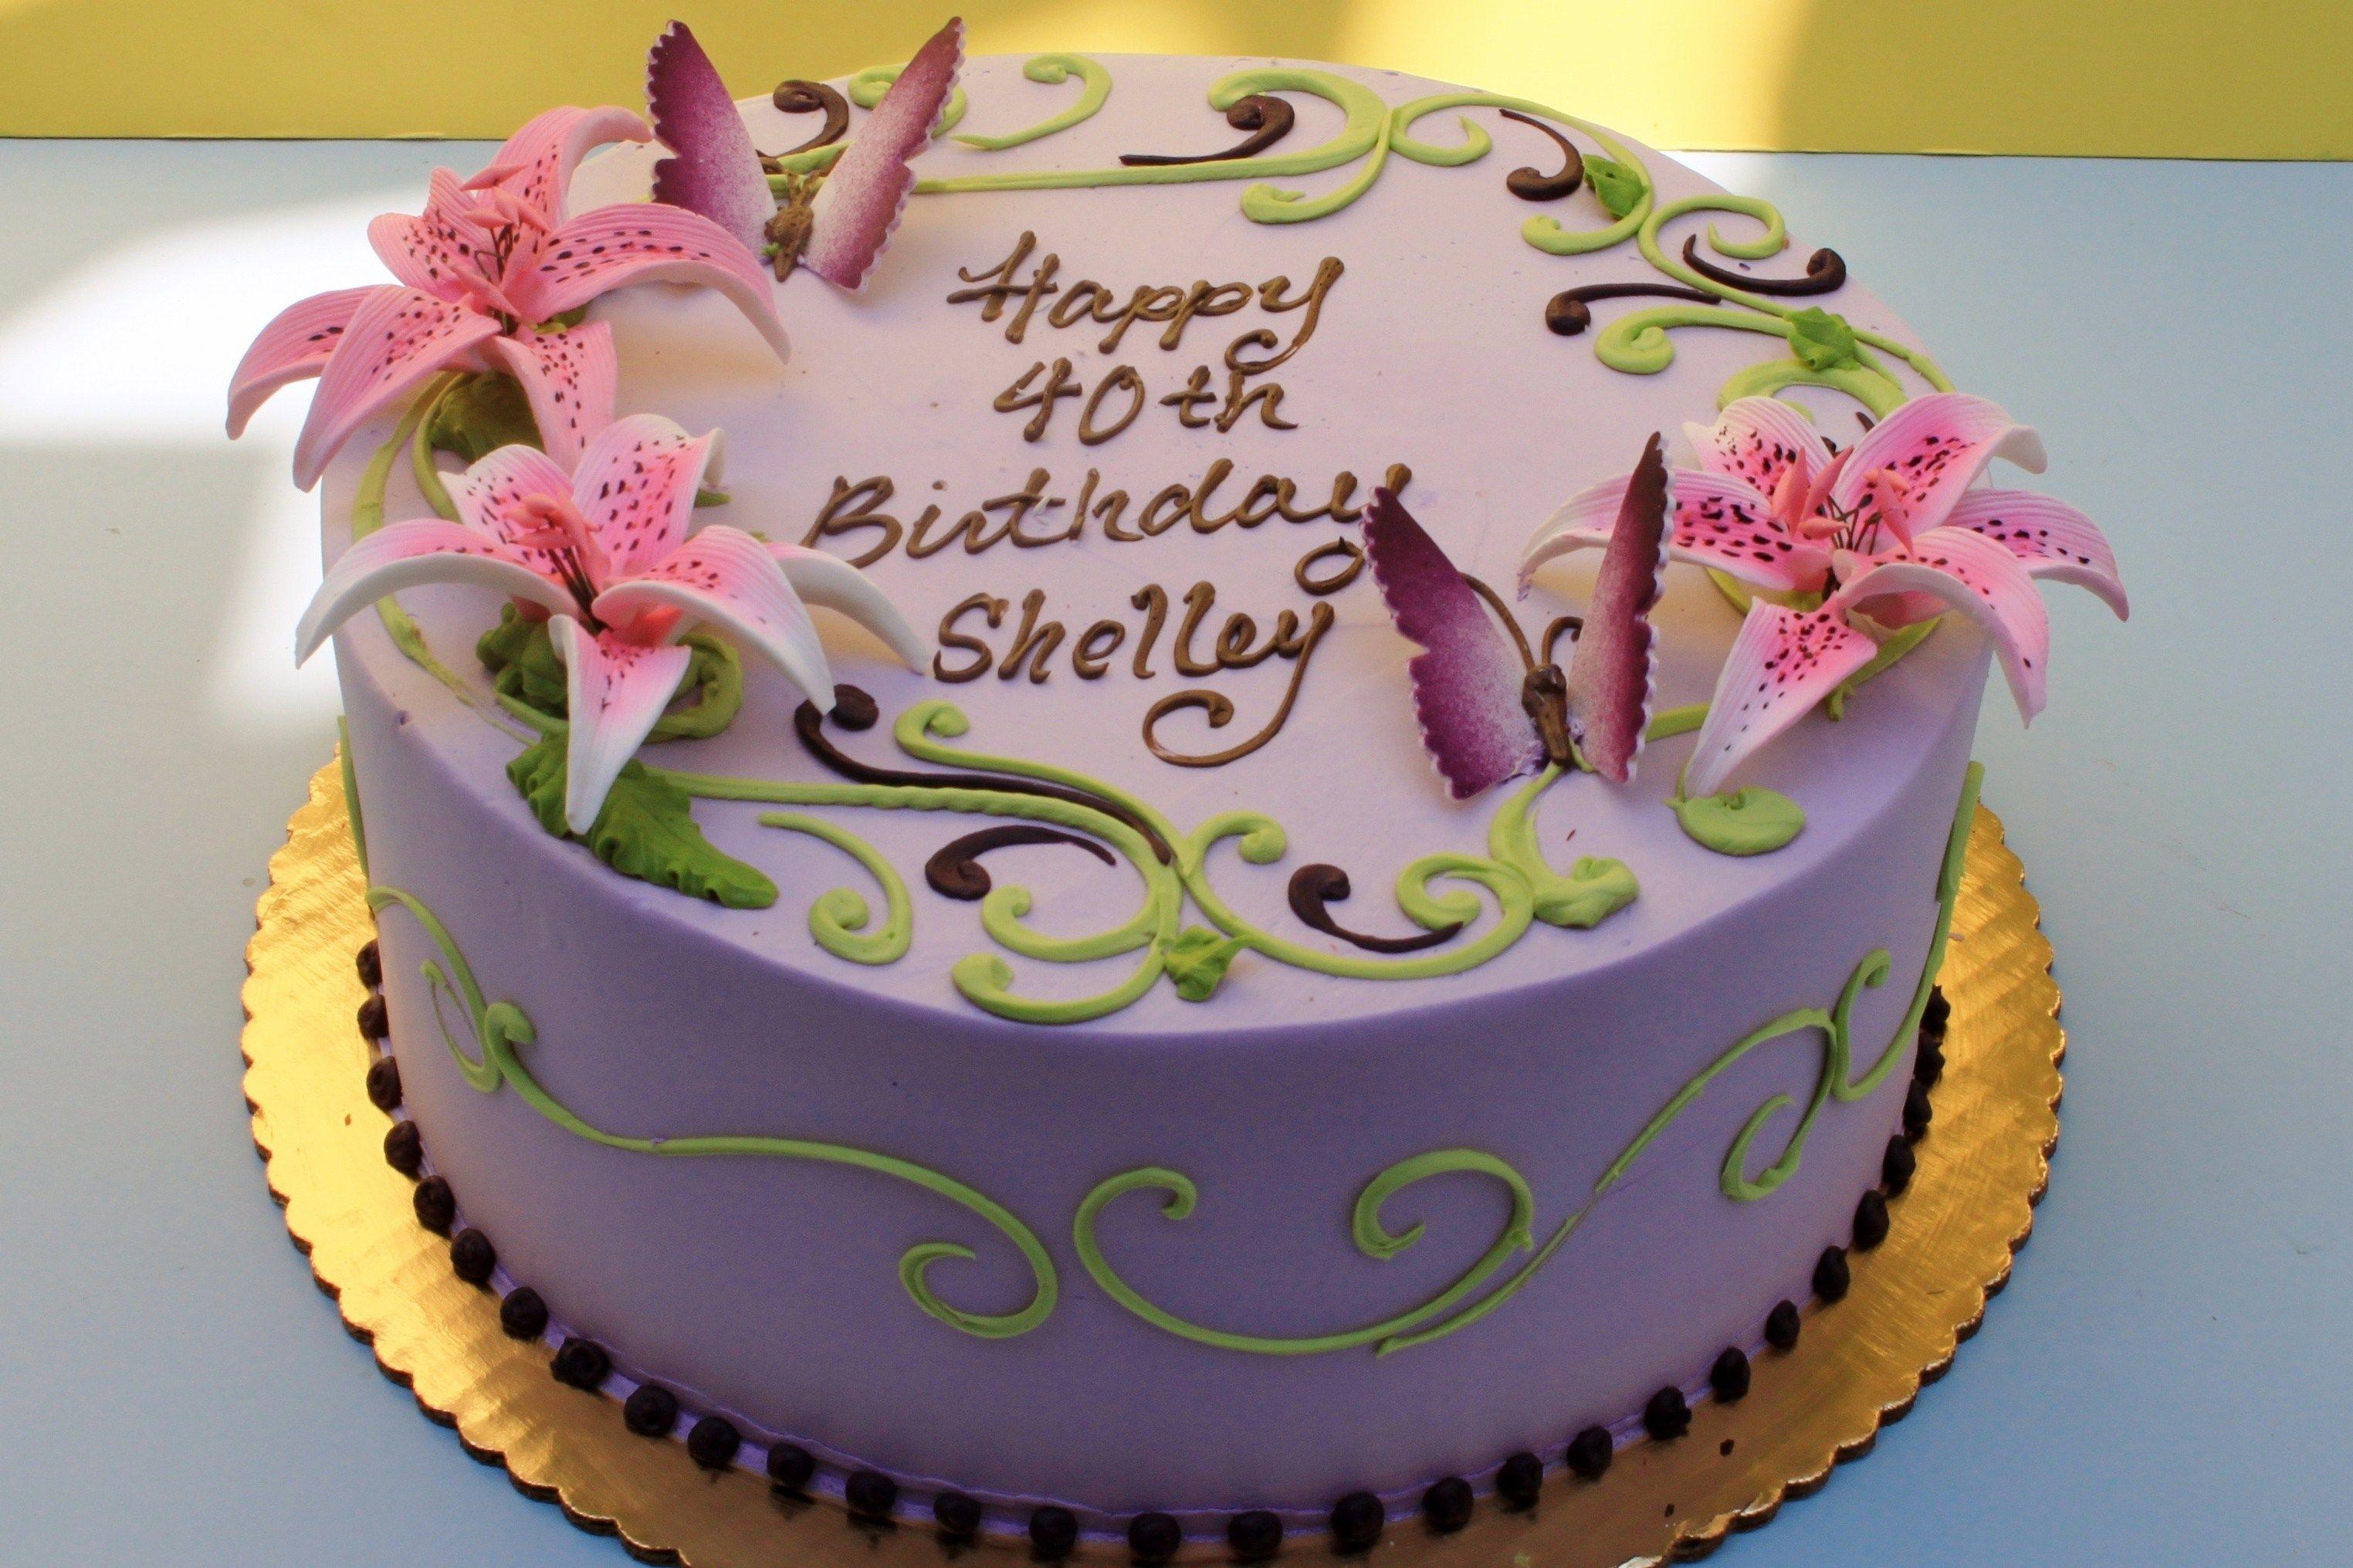 Shelleys Birthday Cake